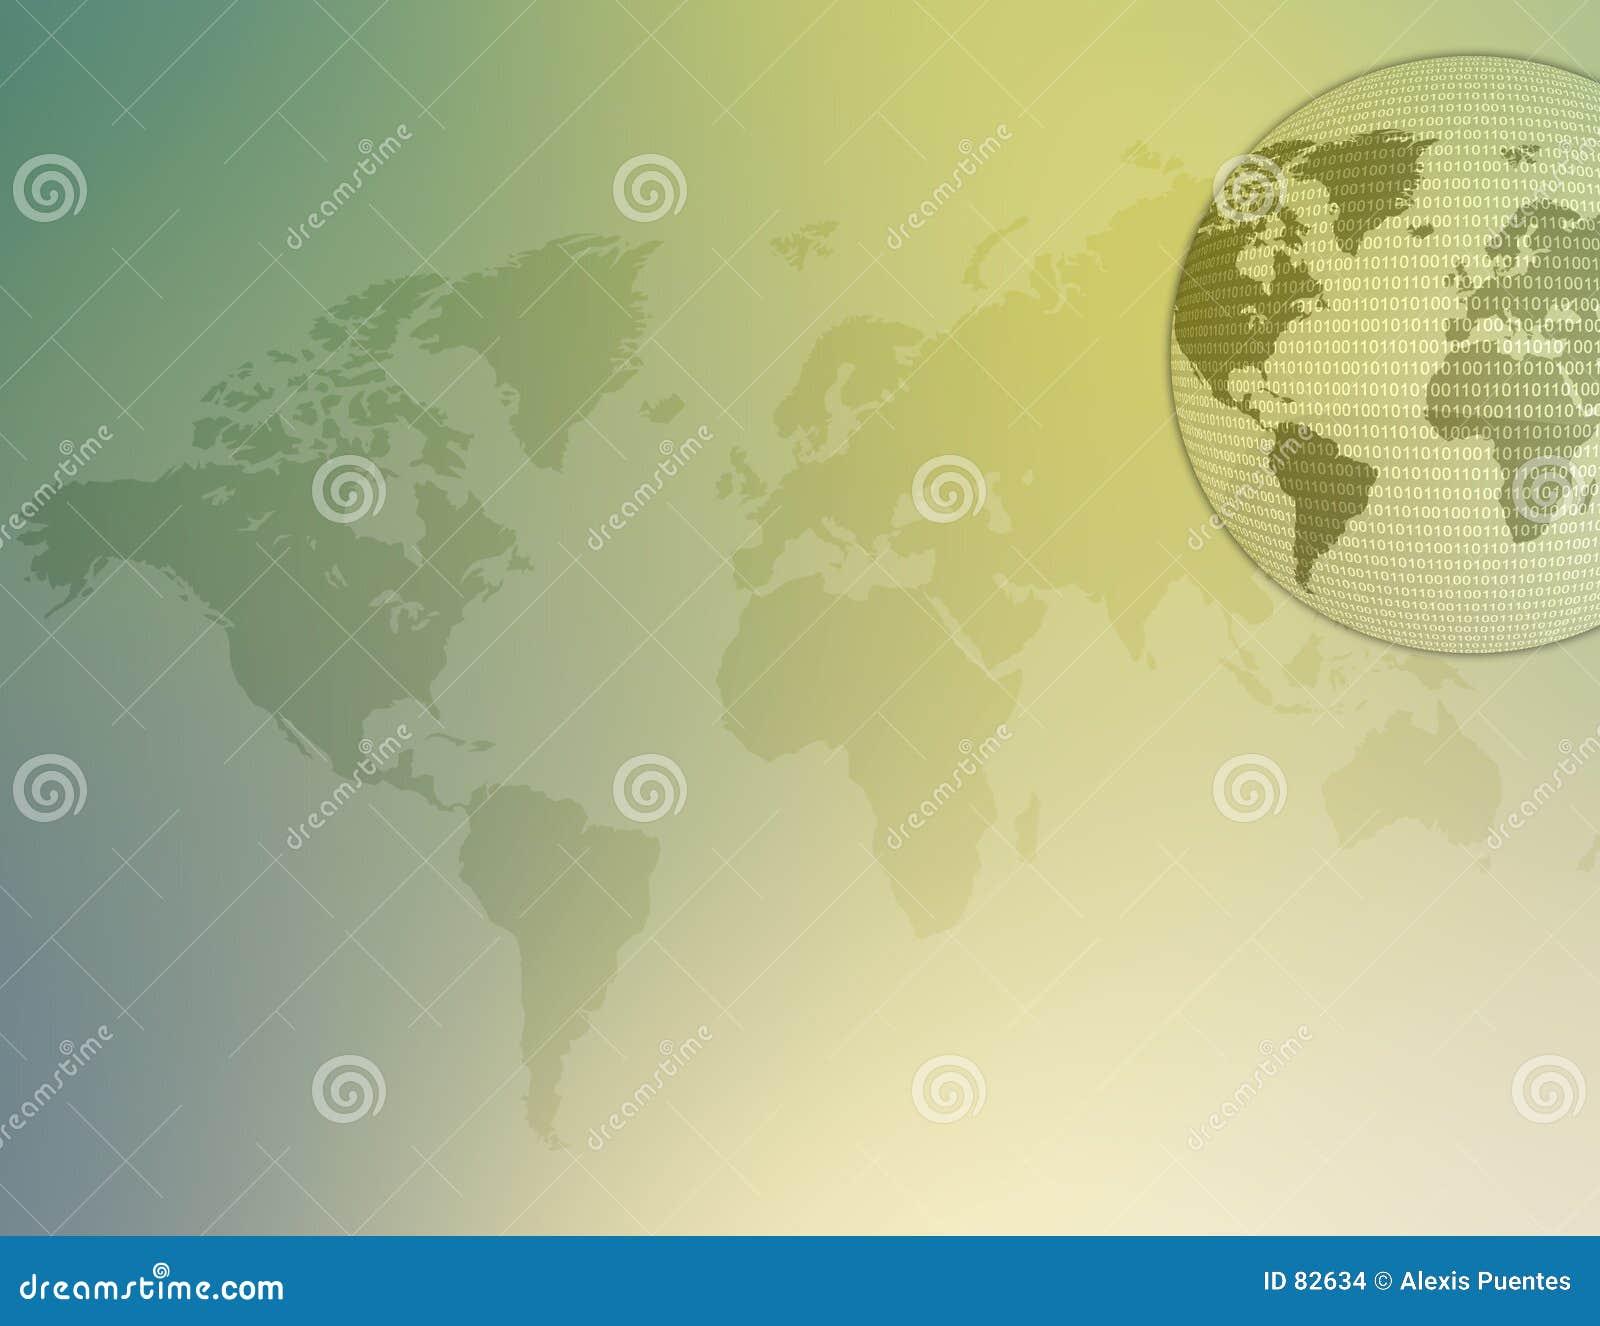 03 mapy świata